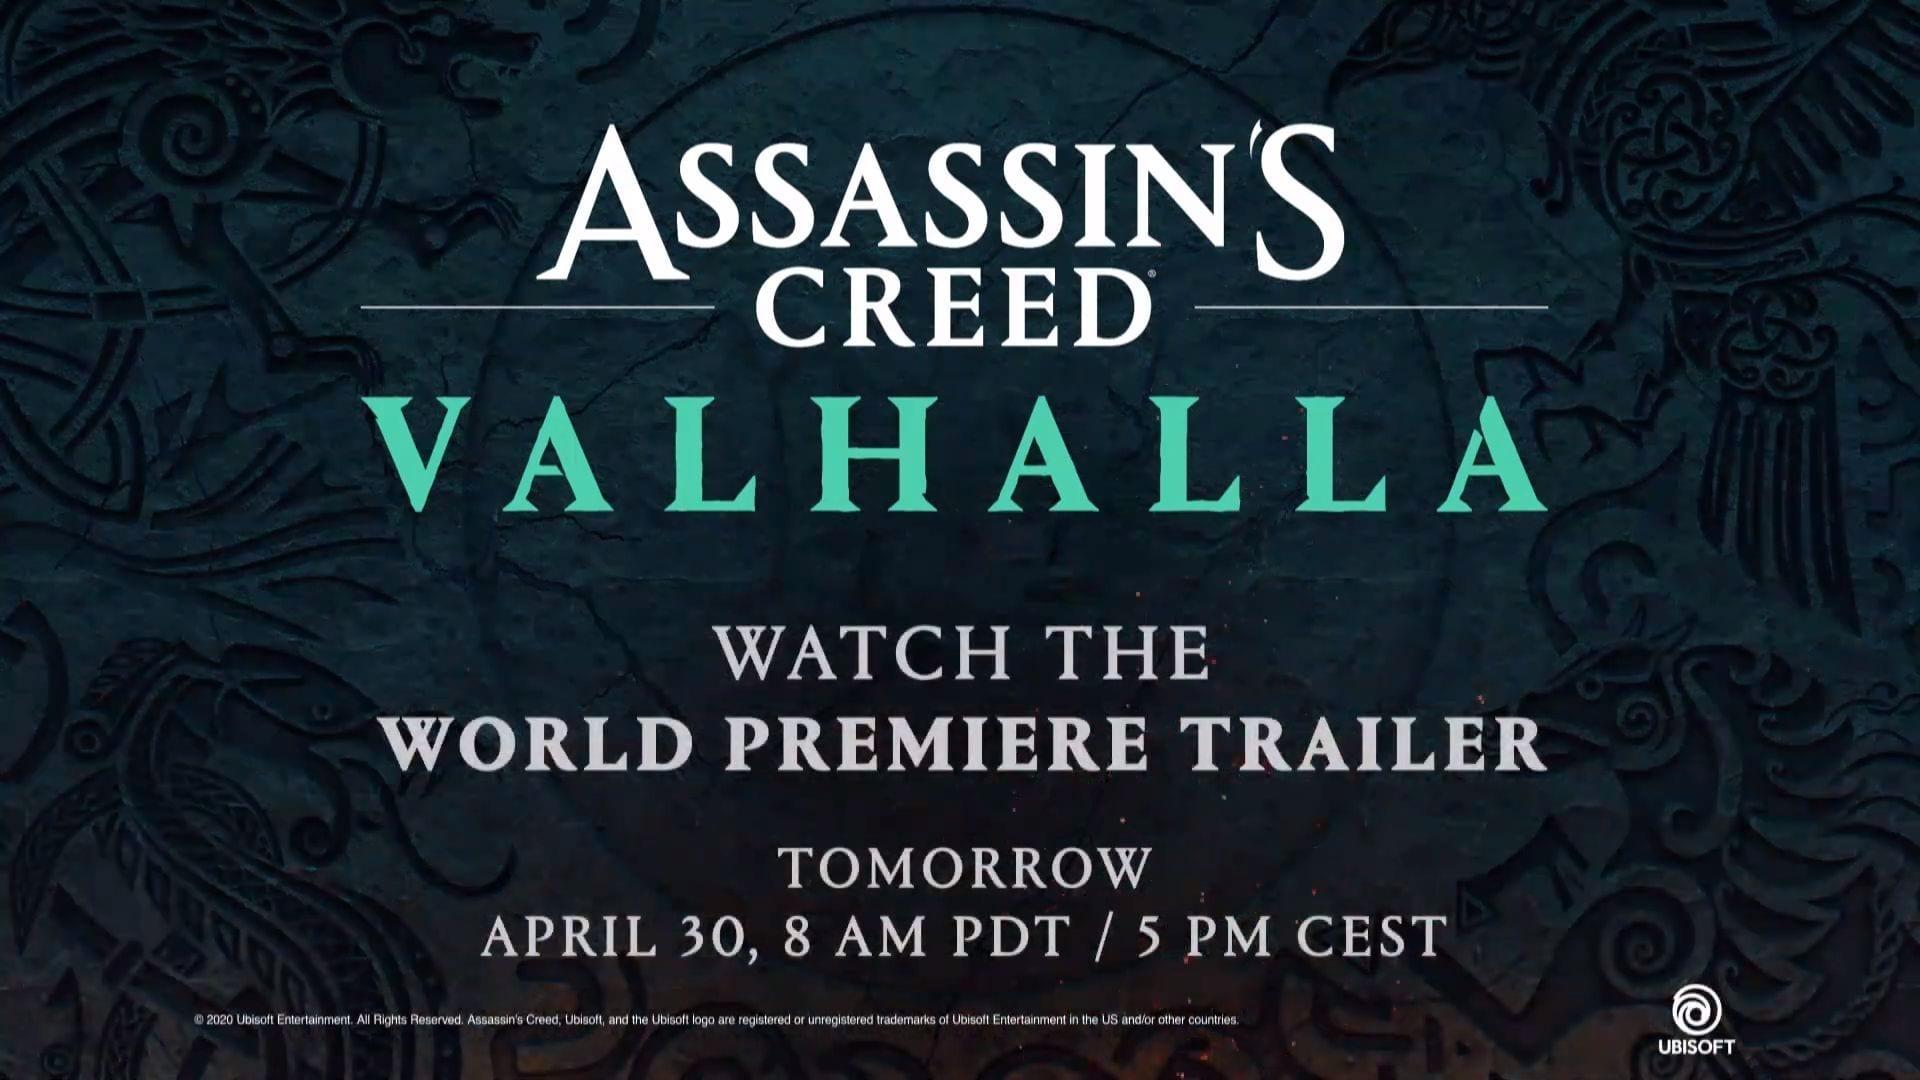 assassins creed valhalla logo wallpaper hd